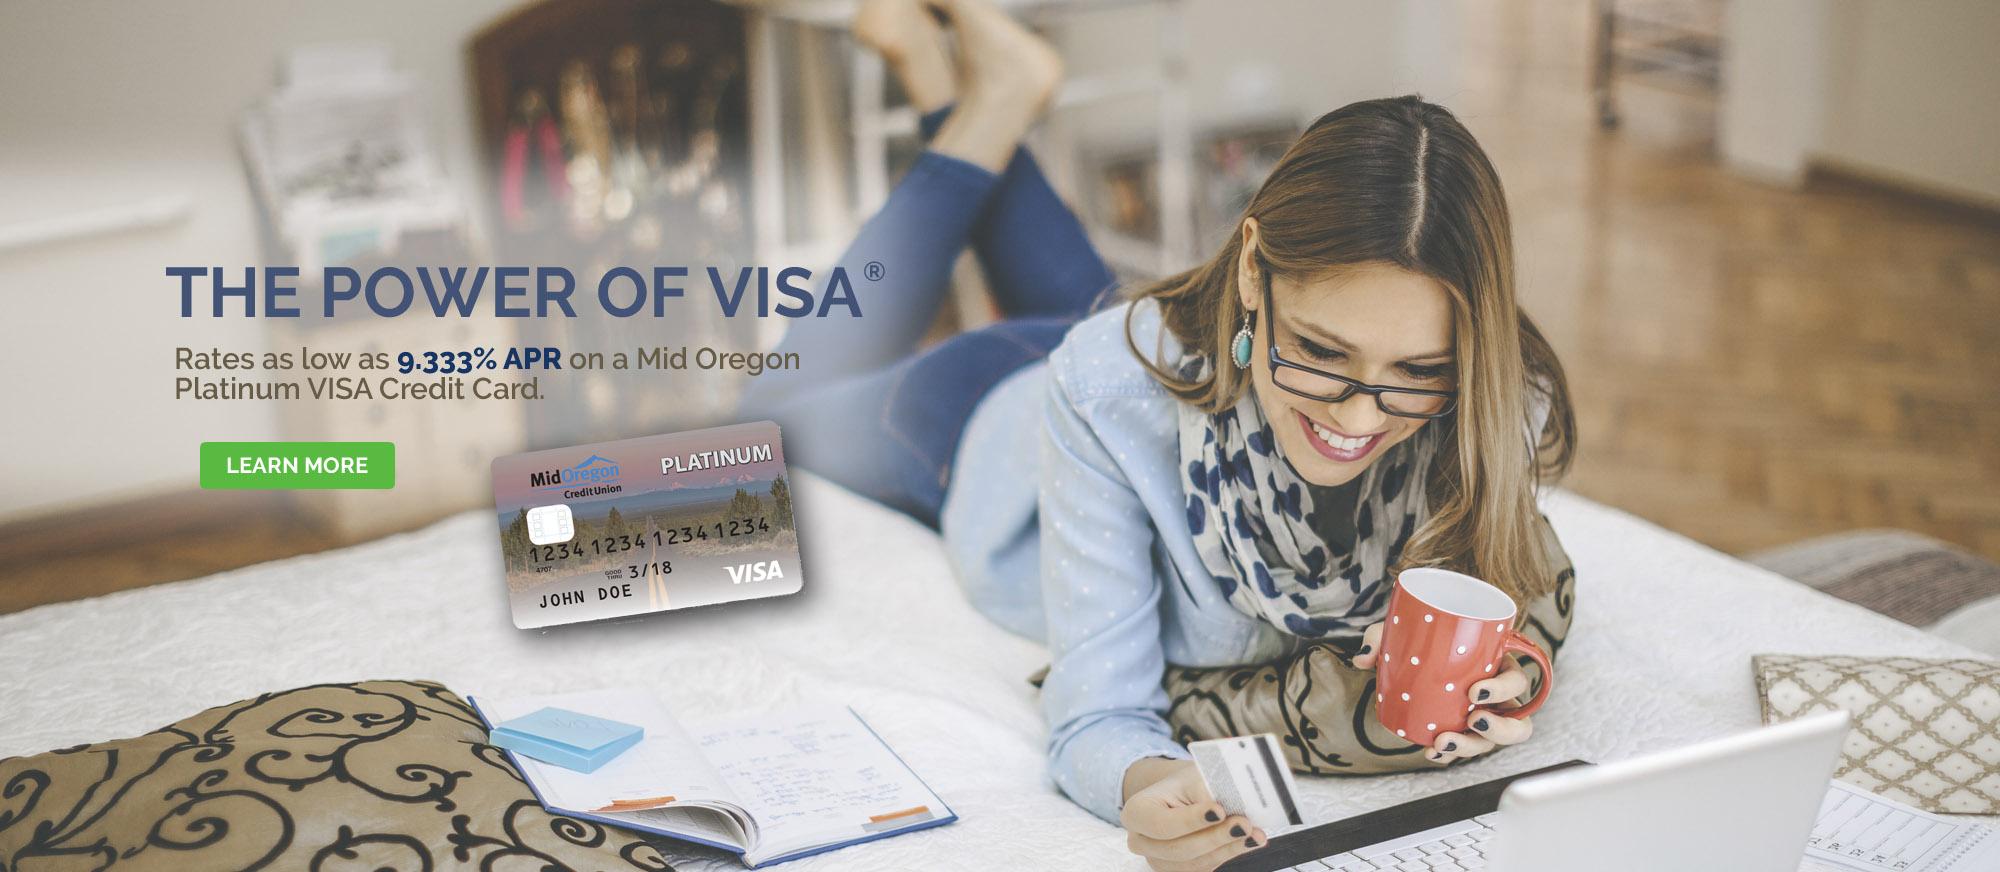 VISA Platinum Credit Card rate as low as 9.333% APR